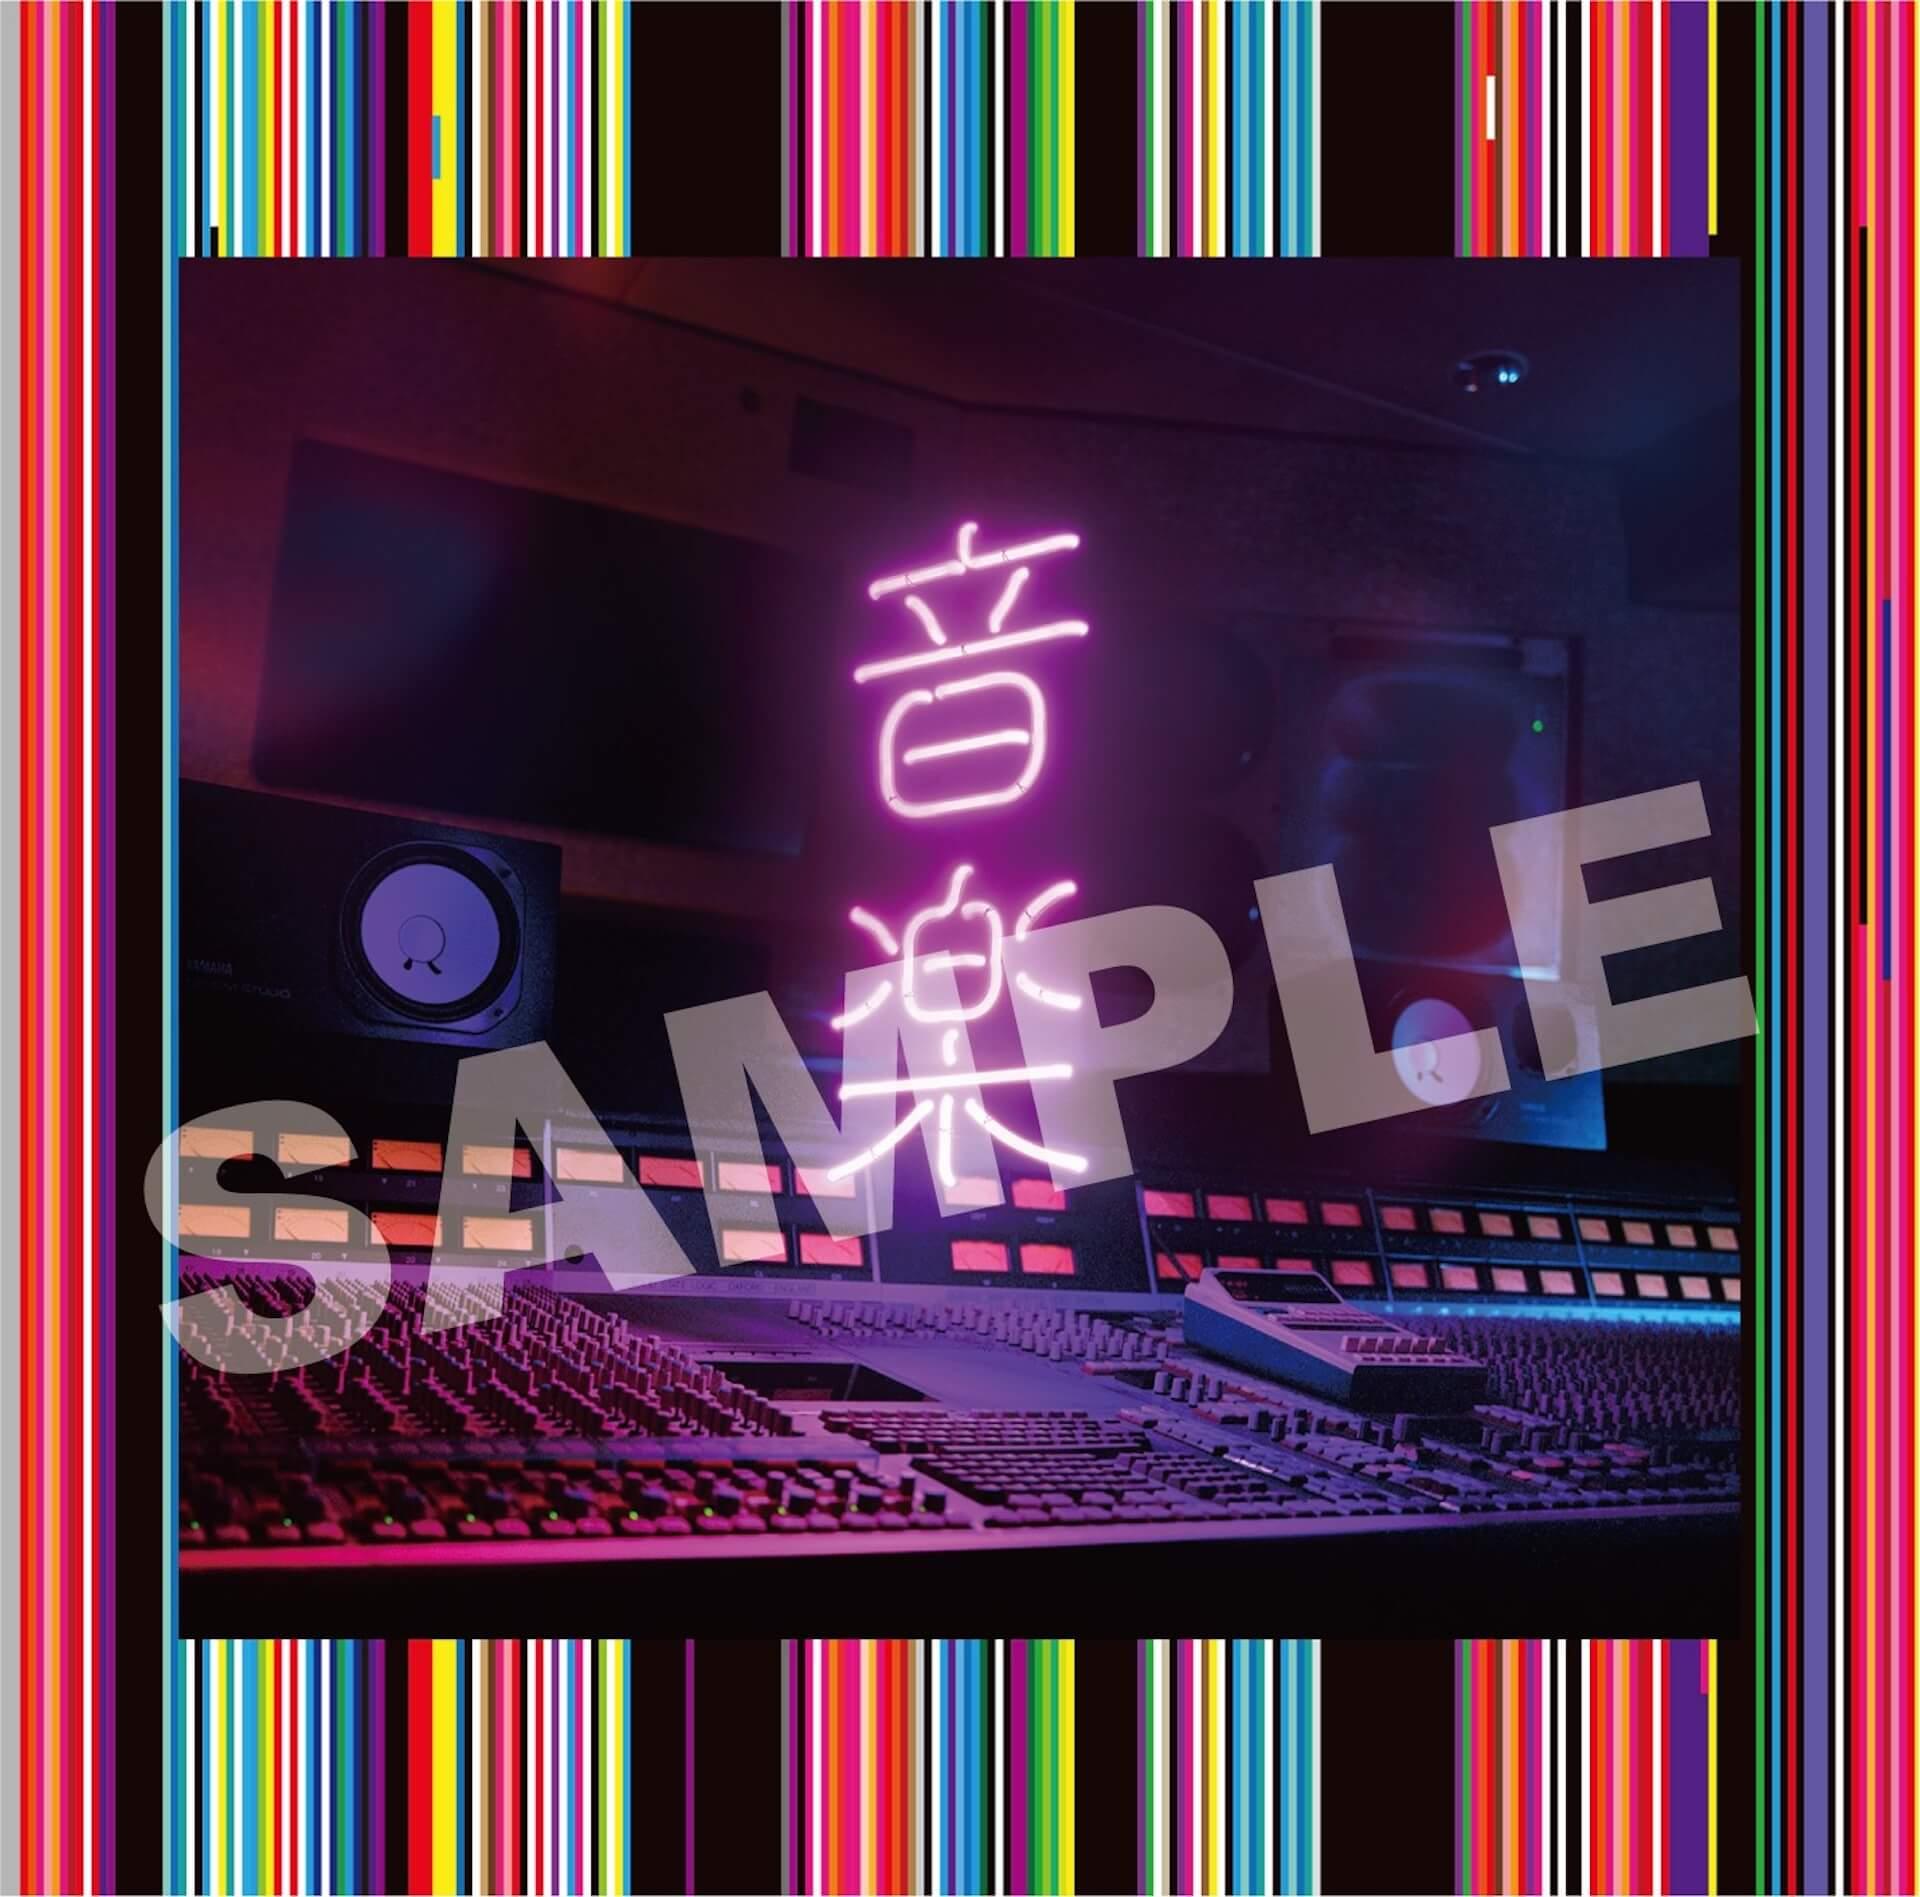 東京事変『音楽』の購入先着特典が一挙解禁!B2サイズポスターやポストカードなどラインナップ music210524_tokyoincident_8